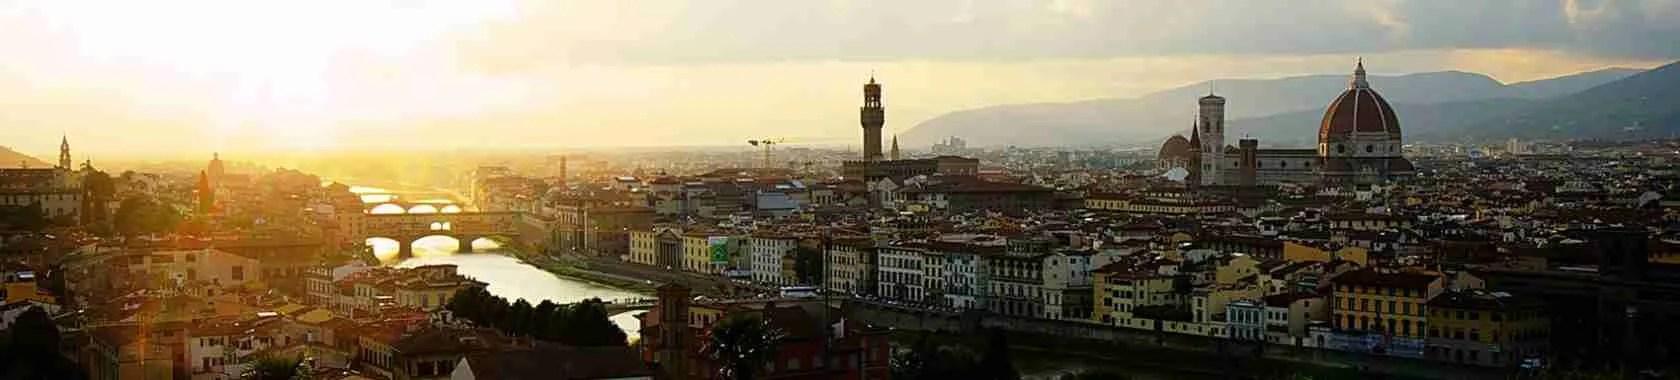 Piazzale Michelangelo a Firenze è il luogo prescelto dalle escort di Firenze per lo shopping o per un aperitivo.